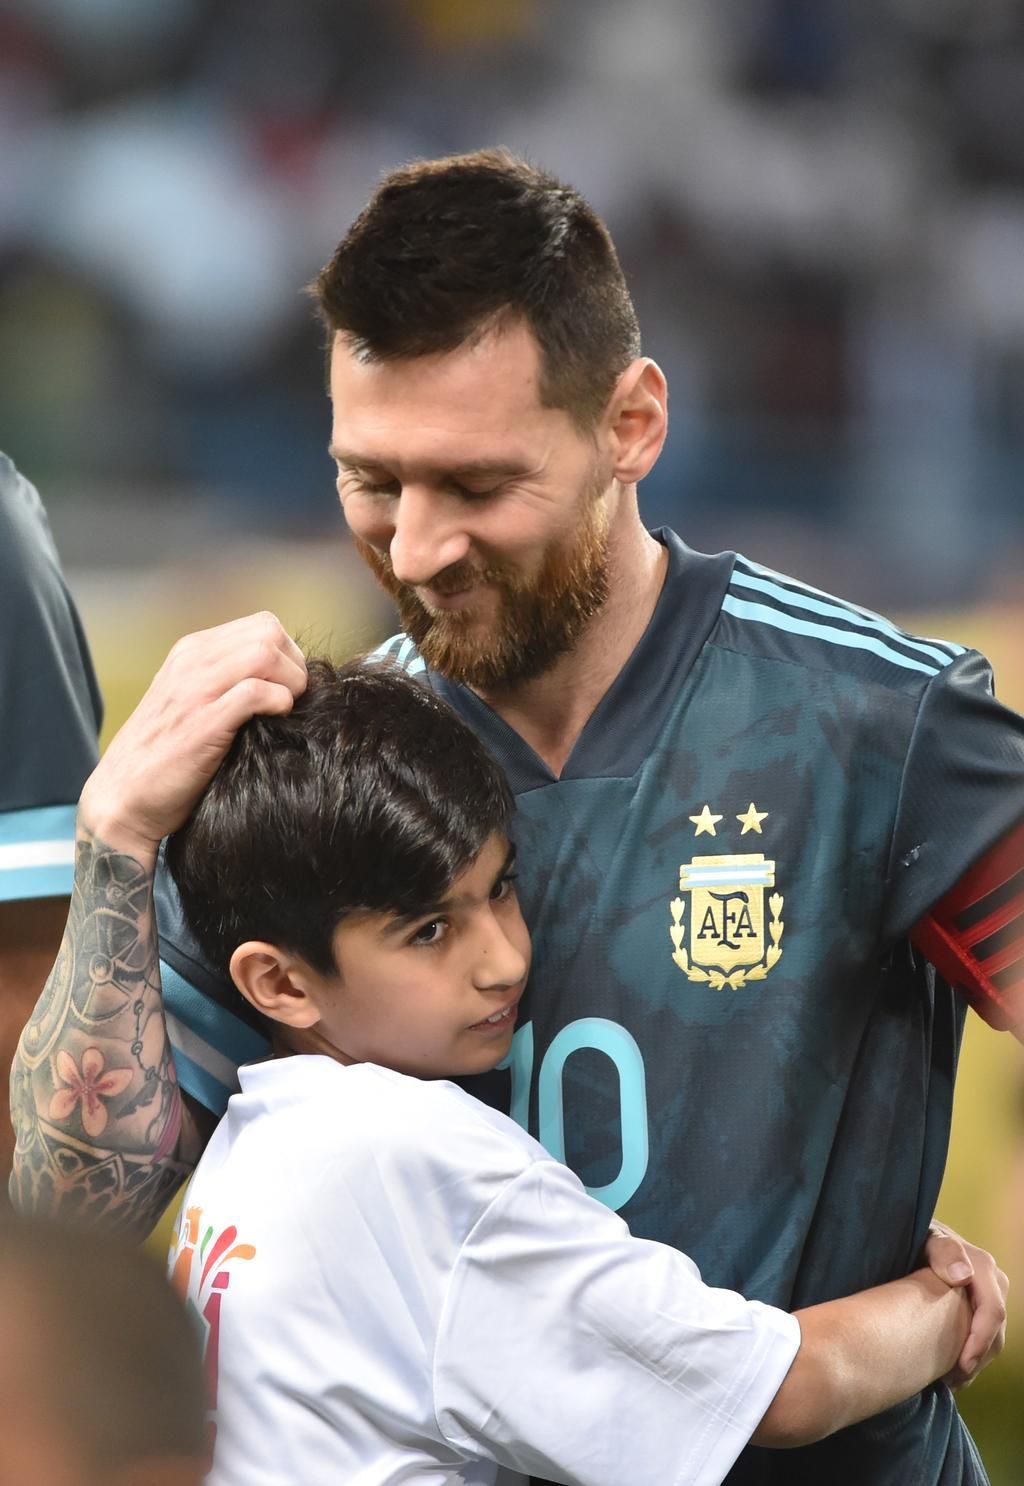 La otra cara de Messi